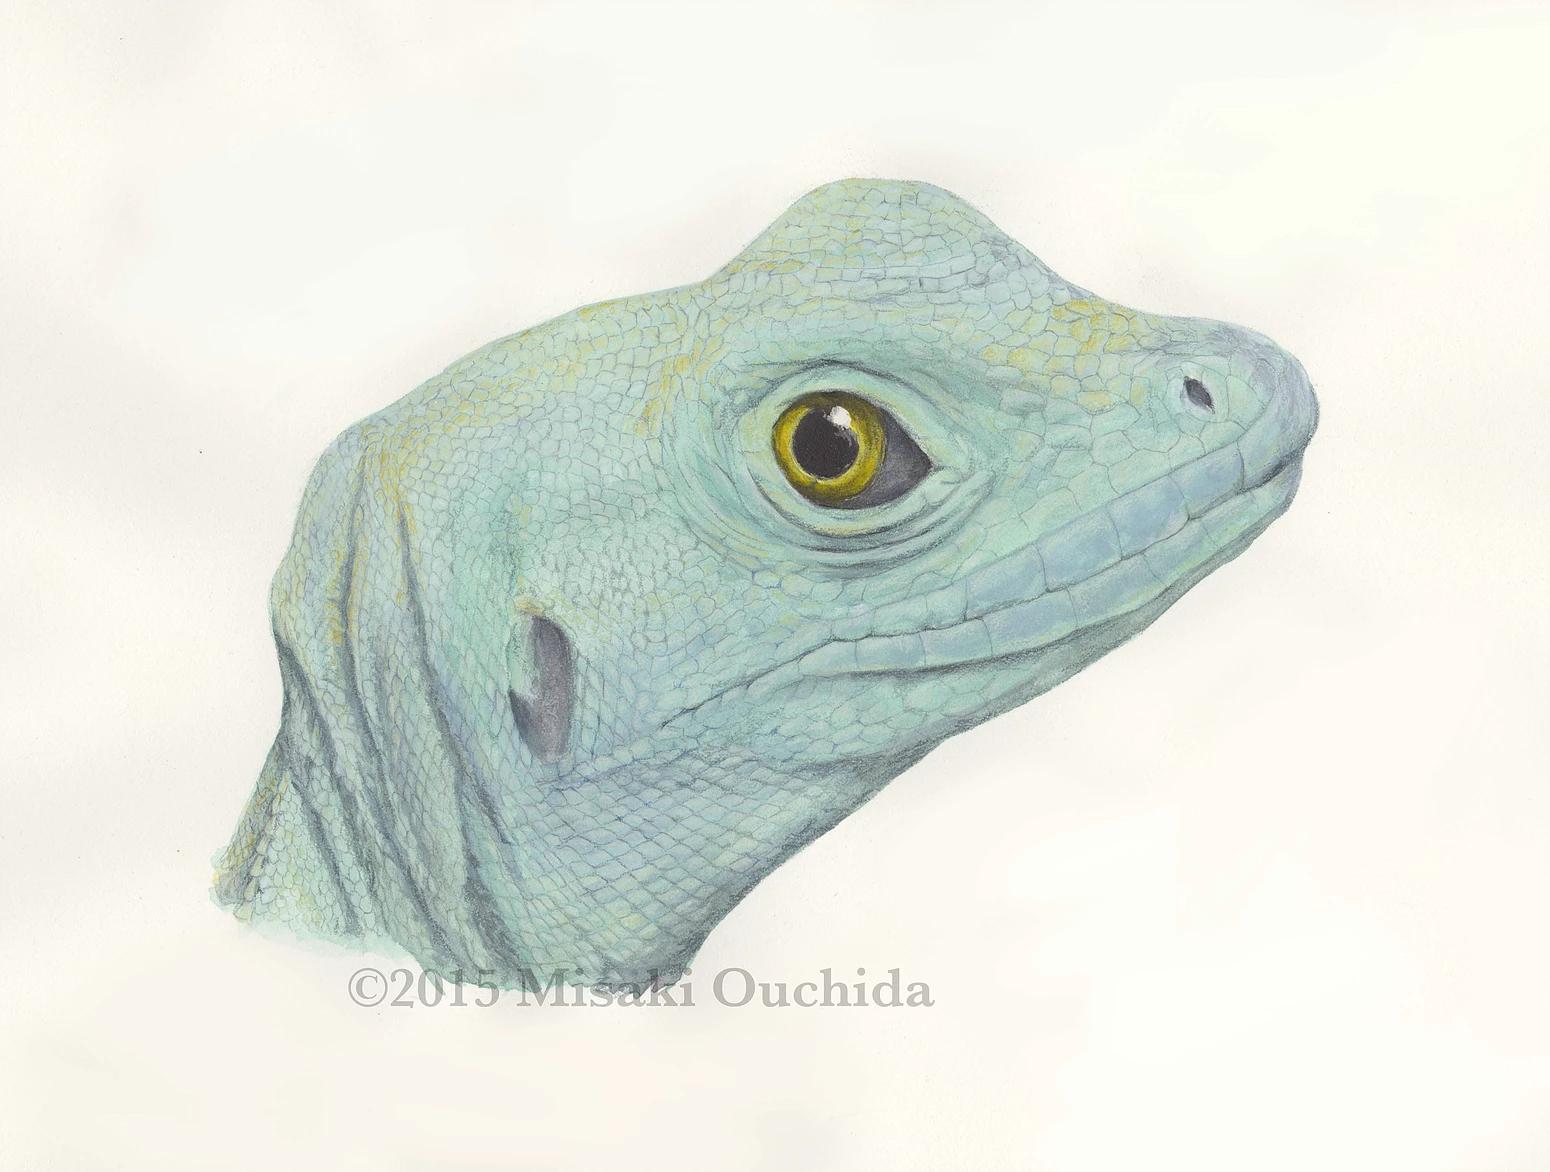 Talking science Illustration with Misaki Ouchida